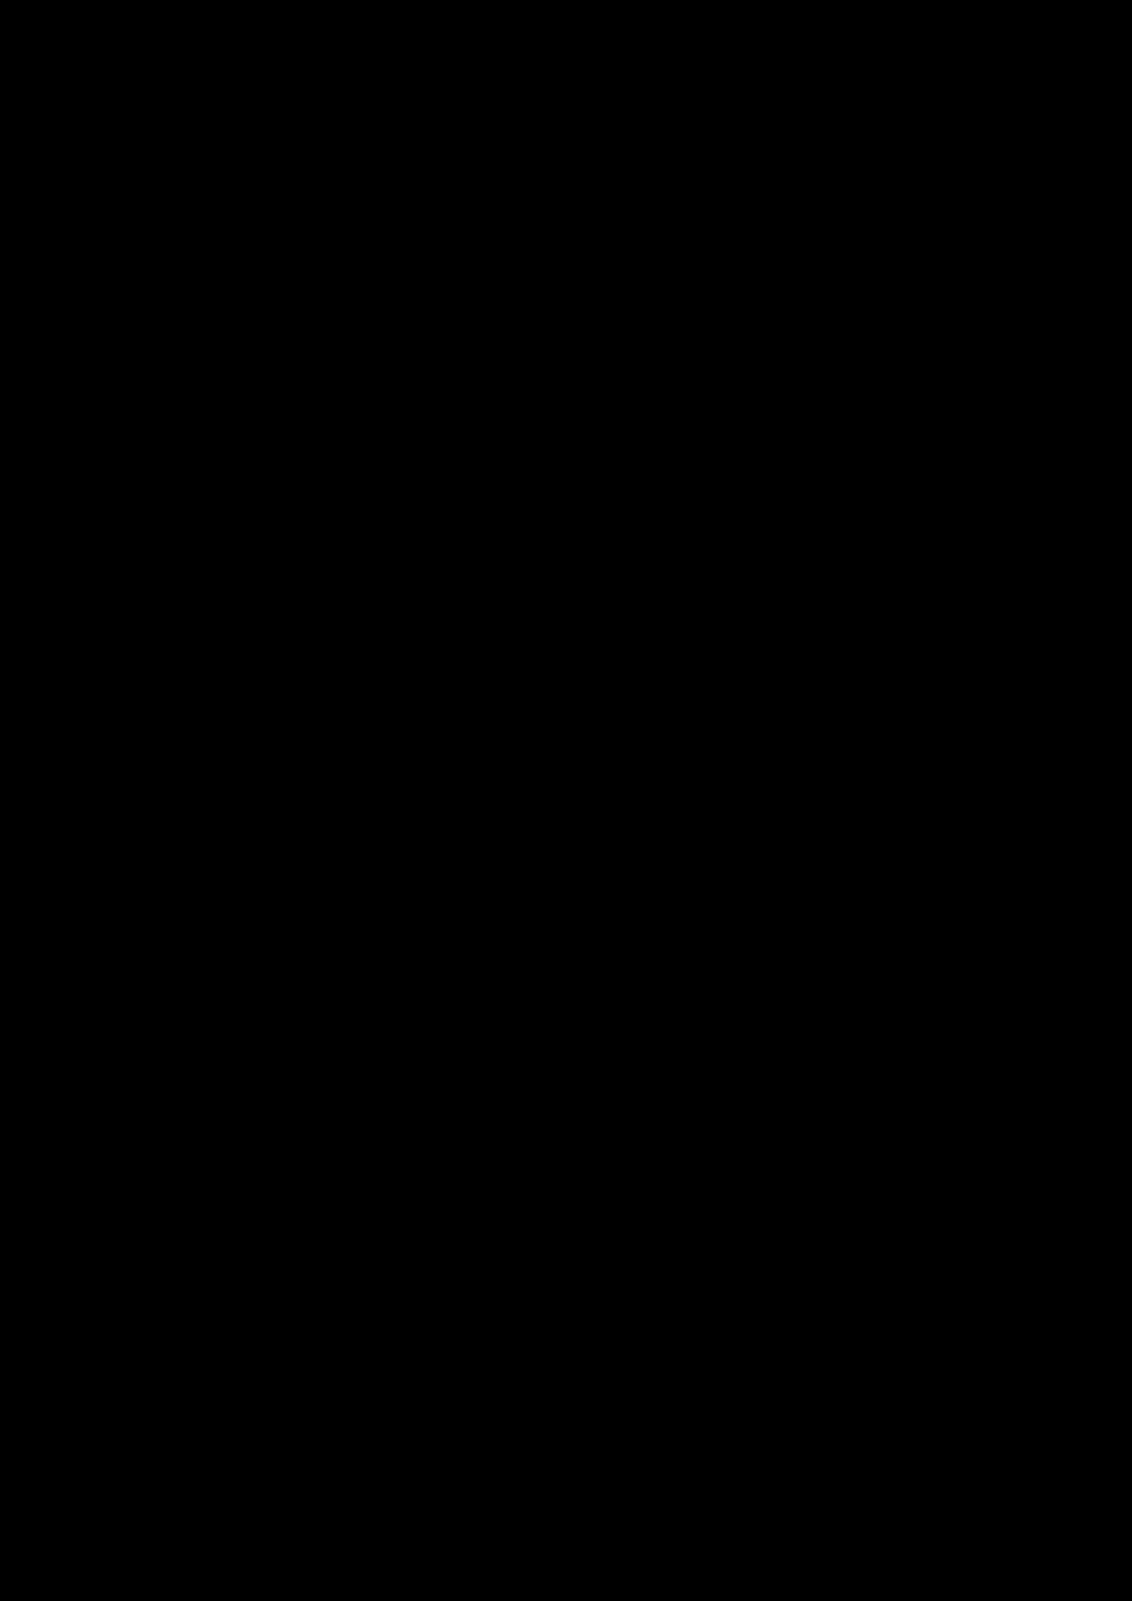 Zagadka volshebnoy stranyi slide, Image 81